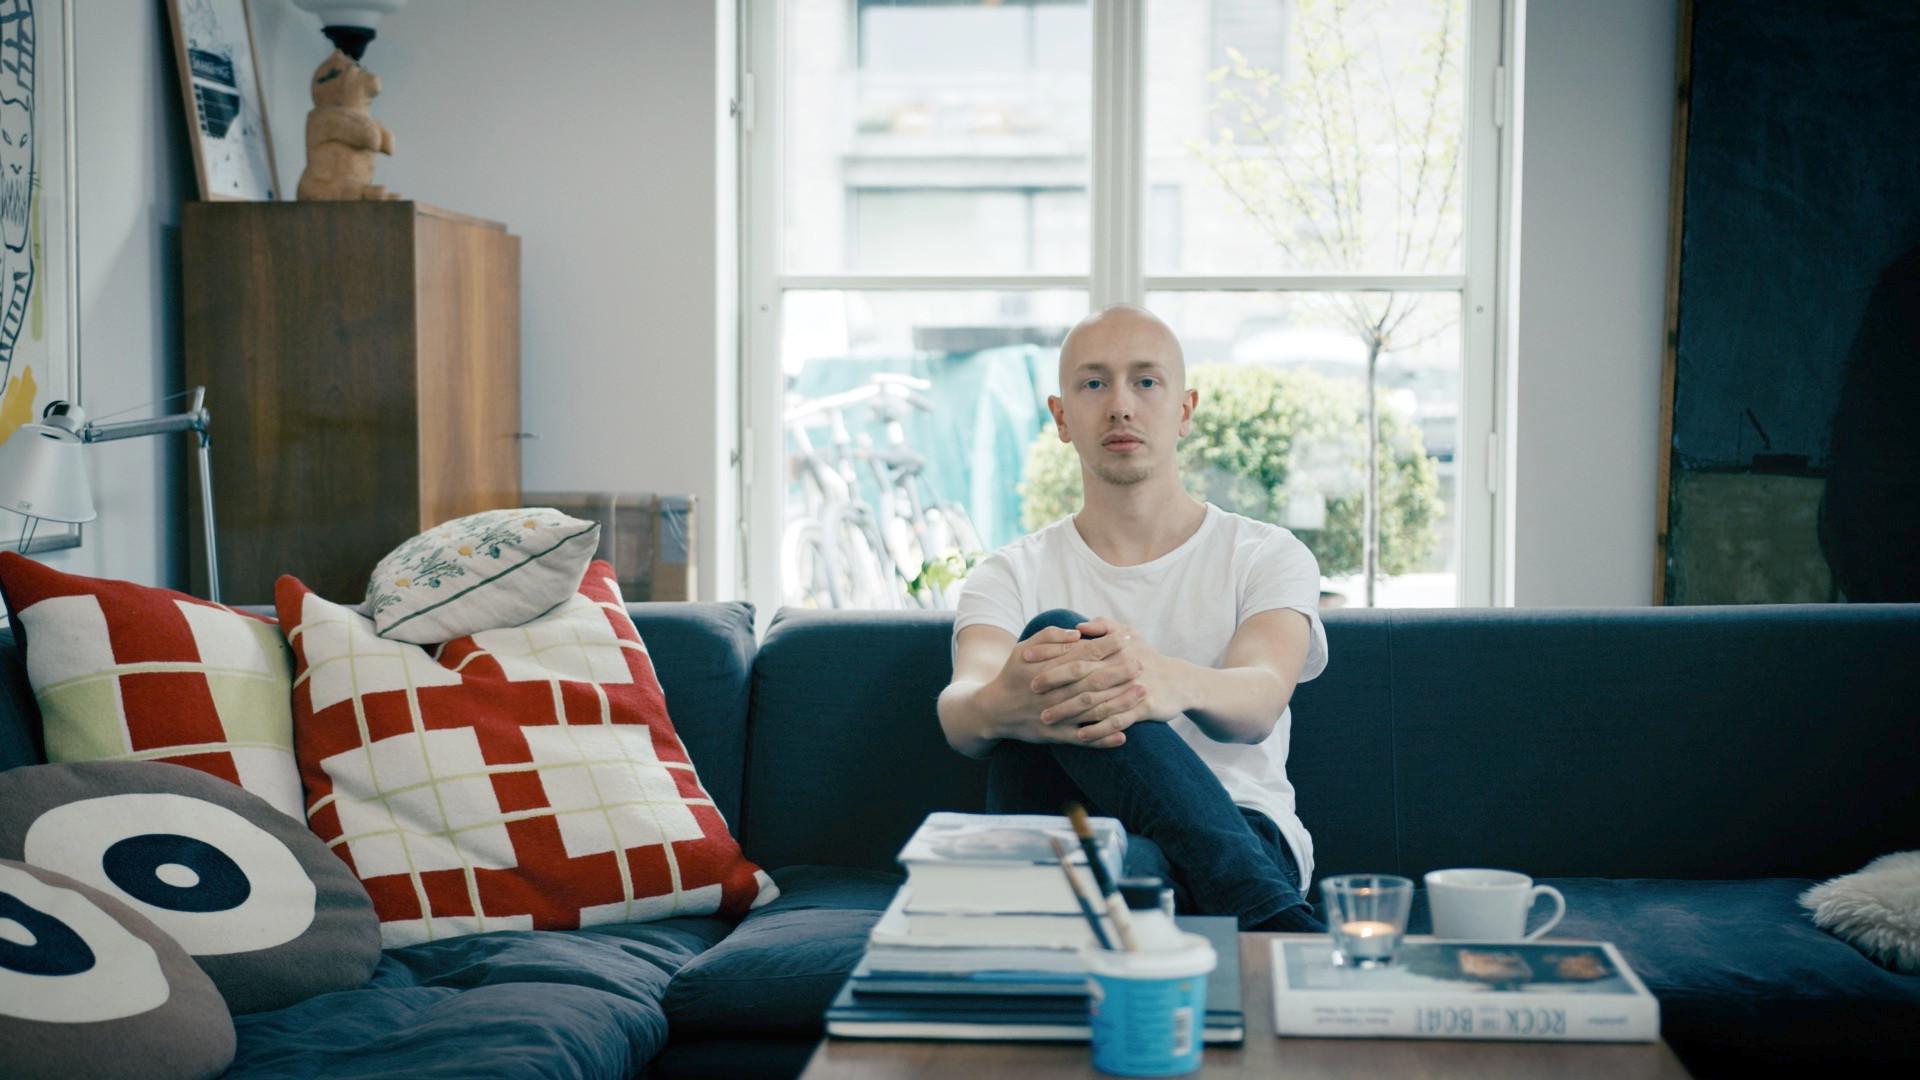 Patrick_Portrætfilm_still01.jpg